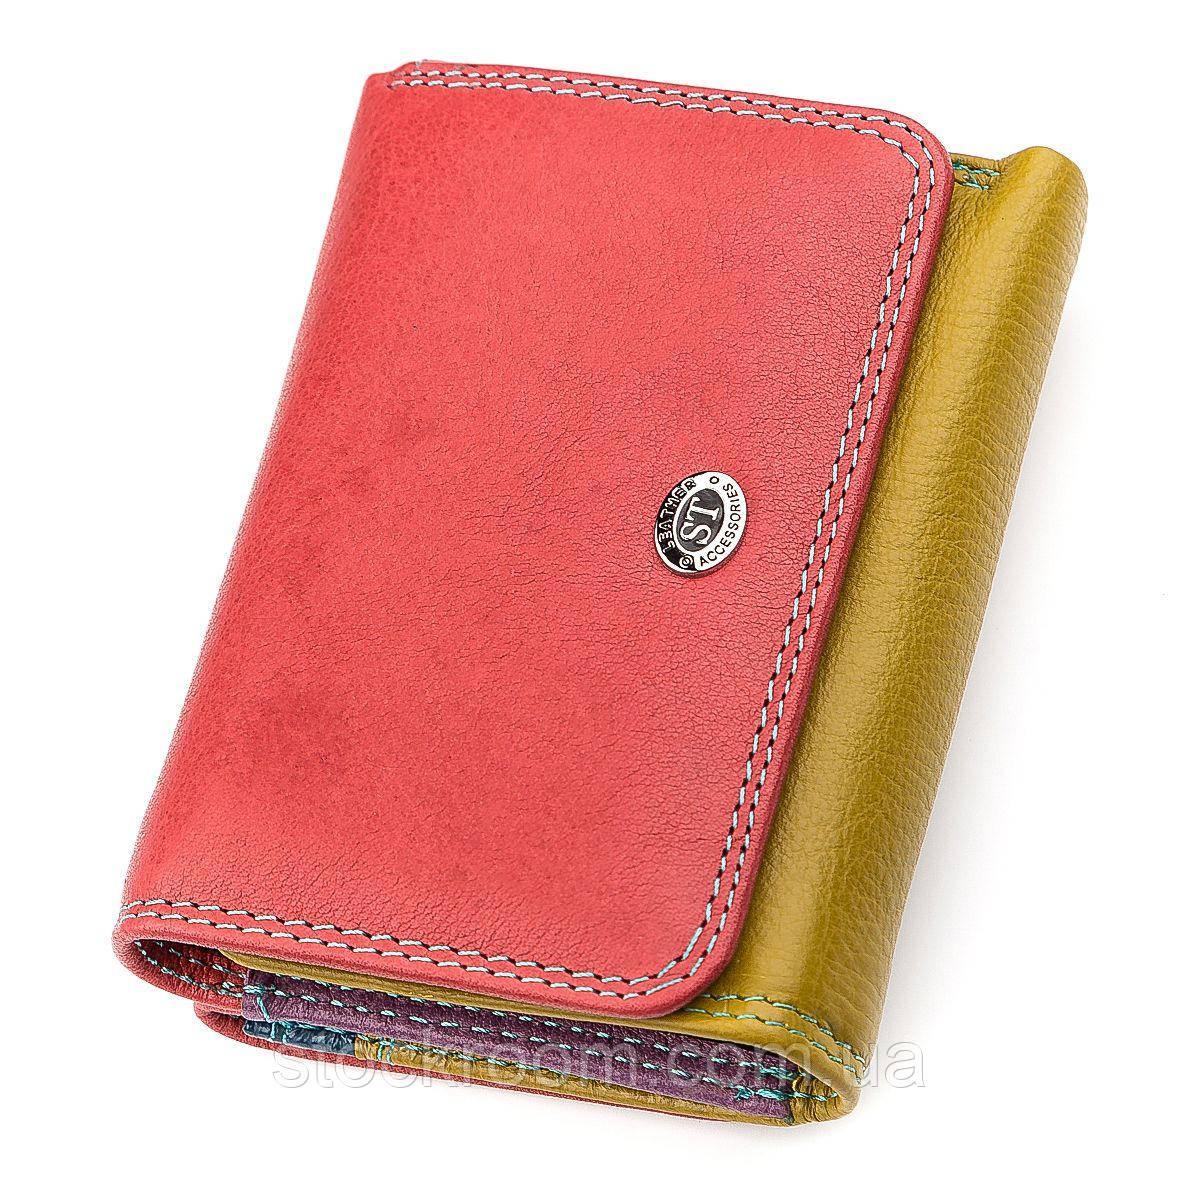 Кошелек женский ST Leather 18359 (SB403) красочный Розовый, Розовый